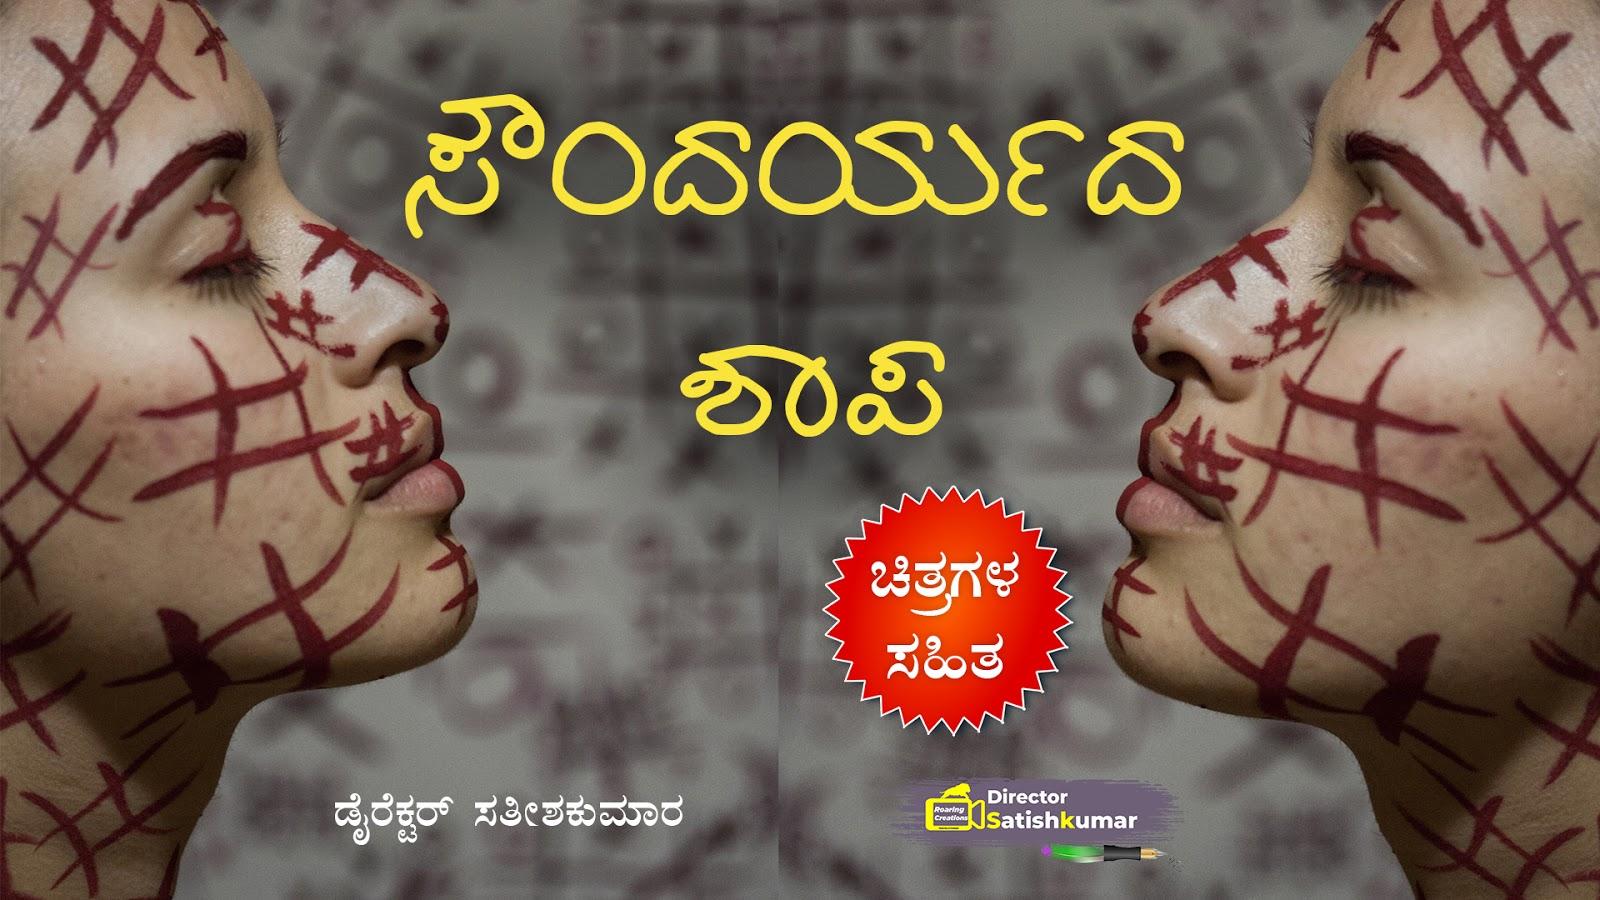 ಸೌಂದರ್ಯದ ಶಾಪ : ಒಂದು ಸಣ್ಣ ಕಥೆ - Curse of Beauty - Short Stories in Kannada